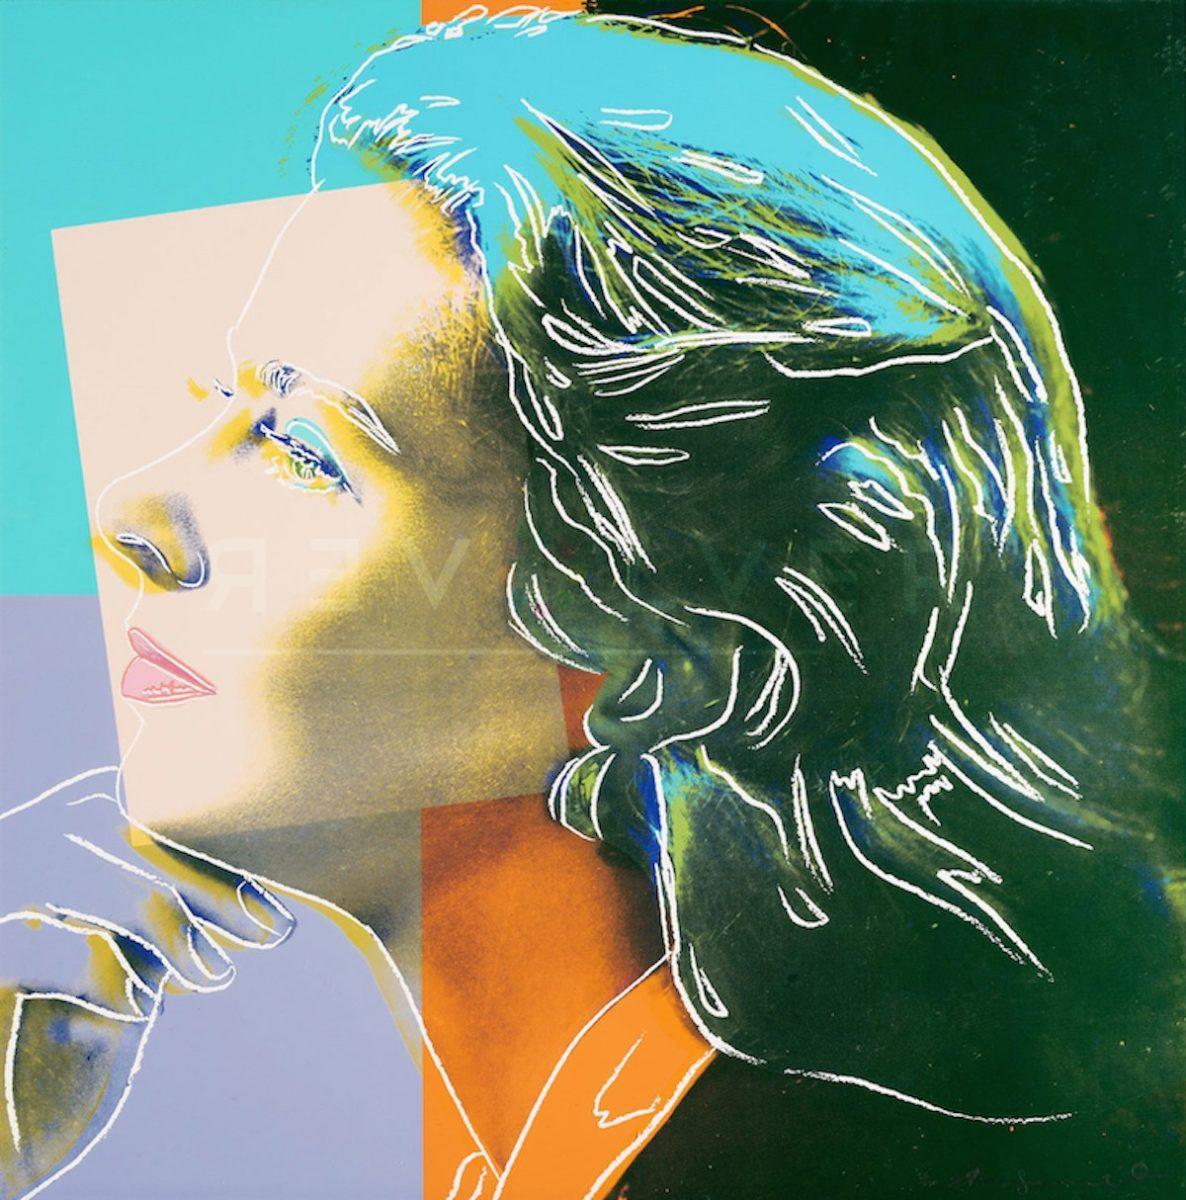 Andy Warhol Ingrid Bergman Herself. Basic Stock Photo.